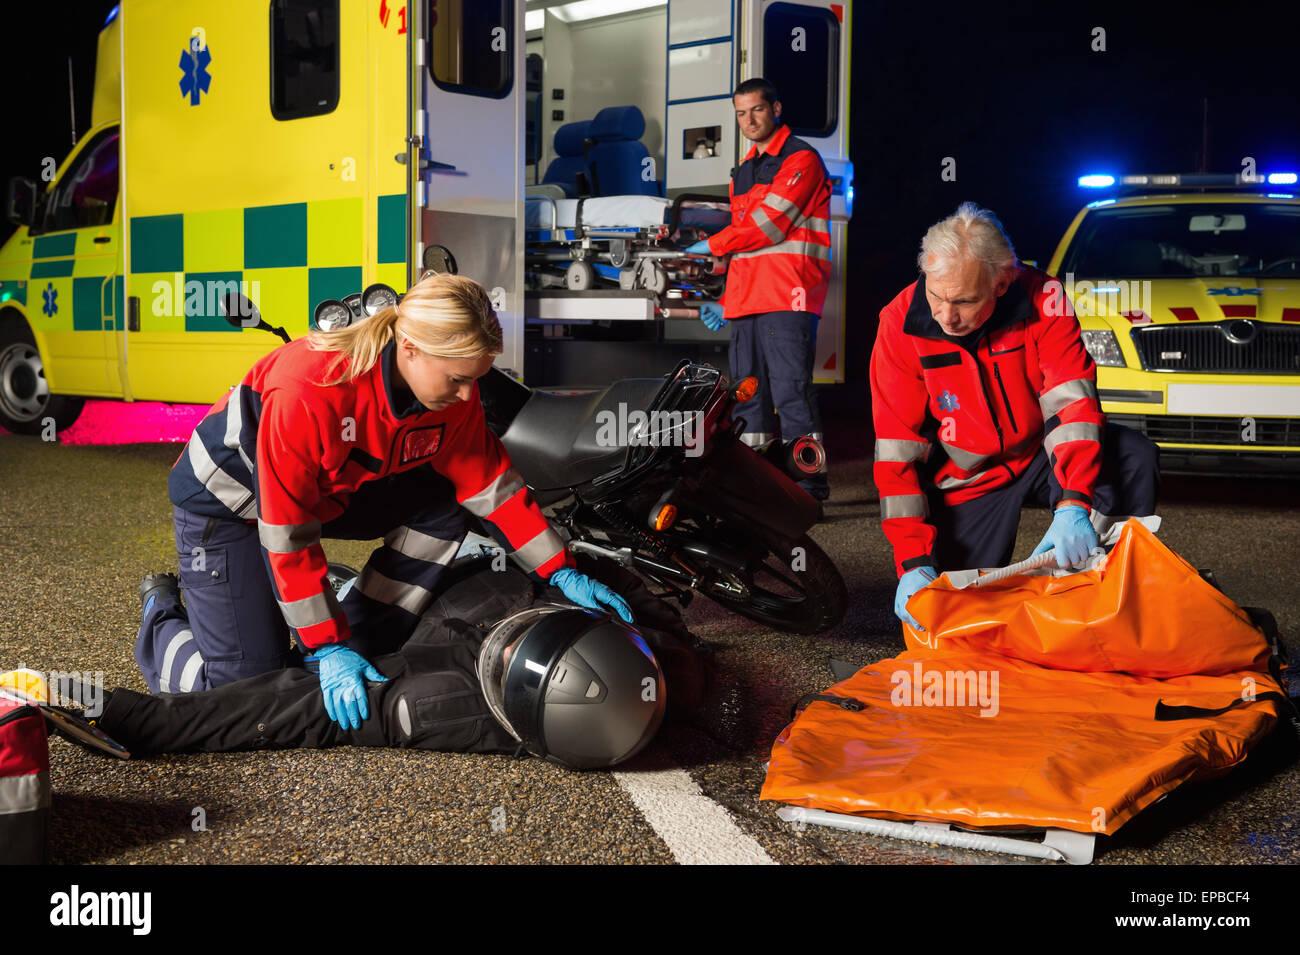 Equipo de emergencia ayudando heridos conductor de moto Imagen De Stock